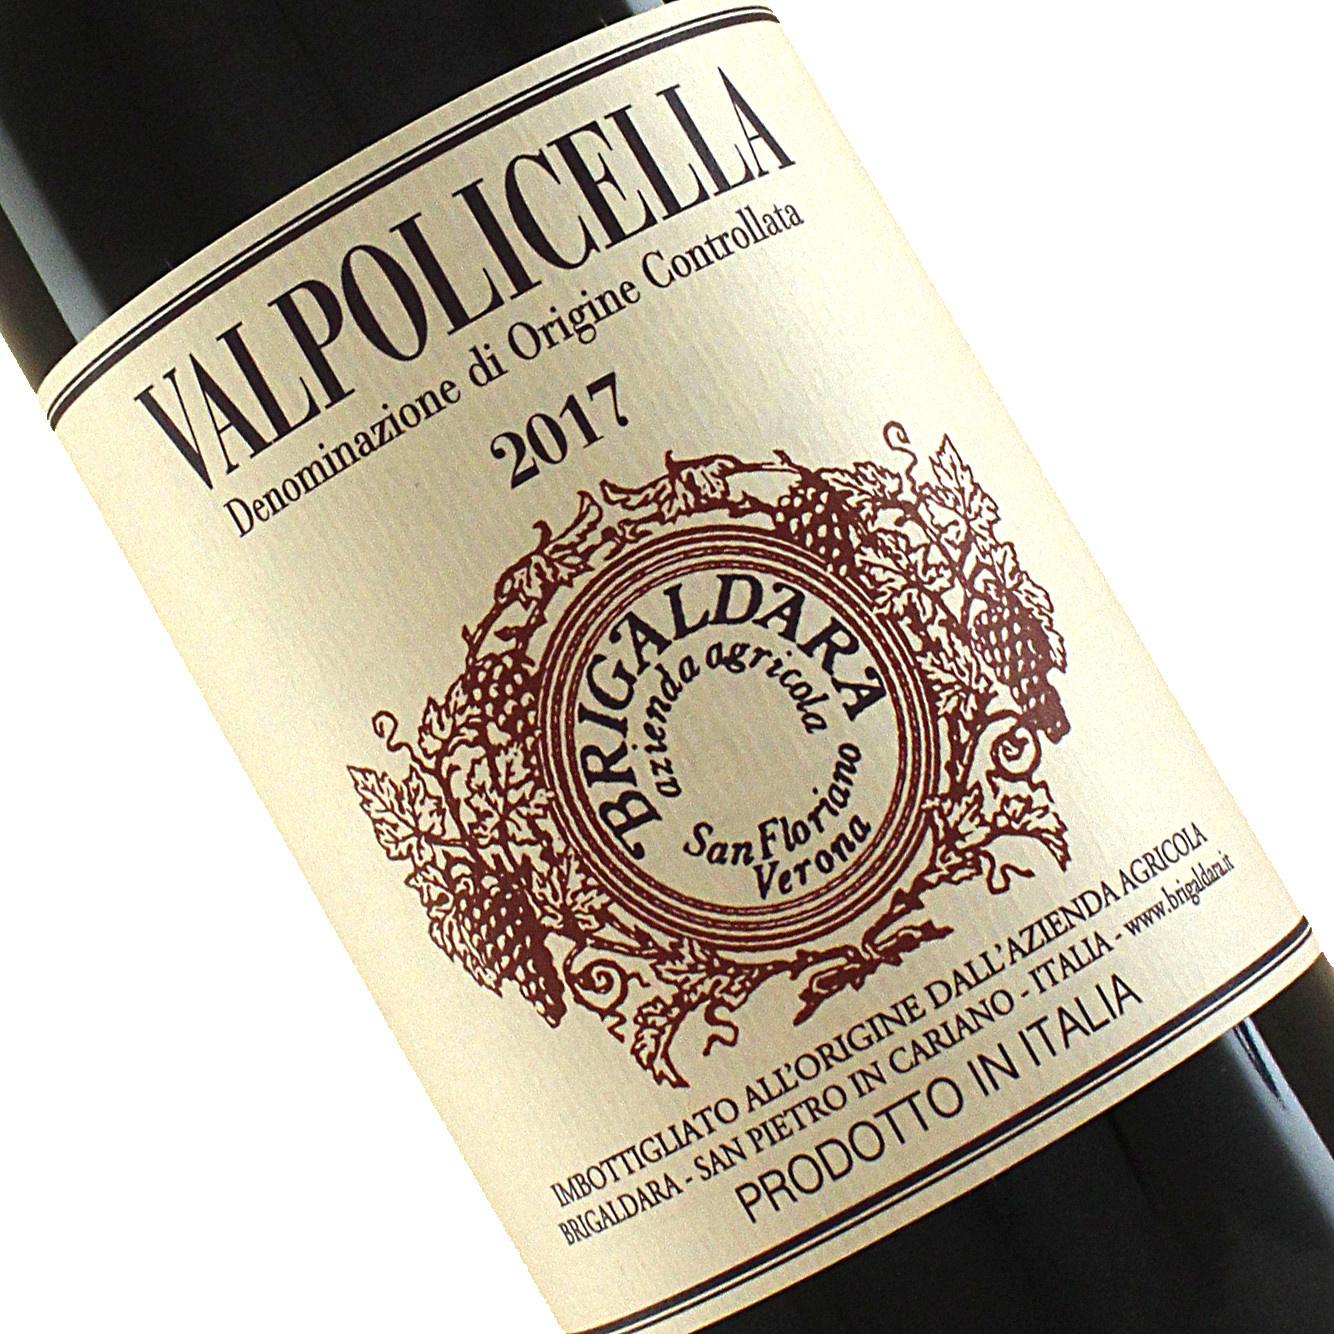 Brigaldara 2017 Valpolicella, Veneto